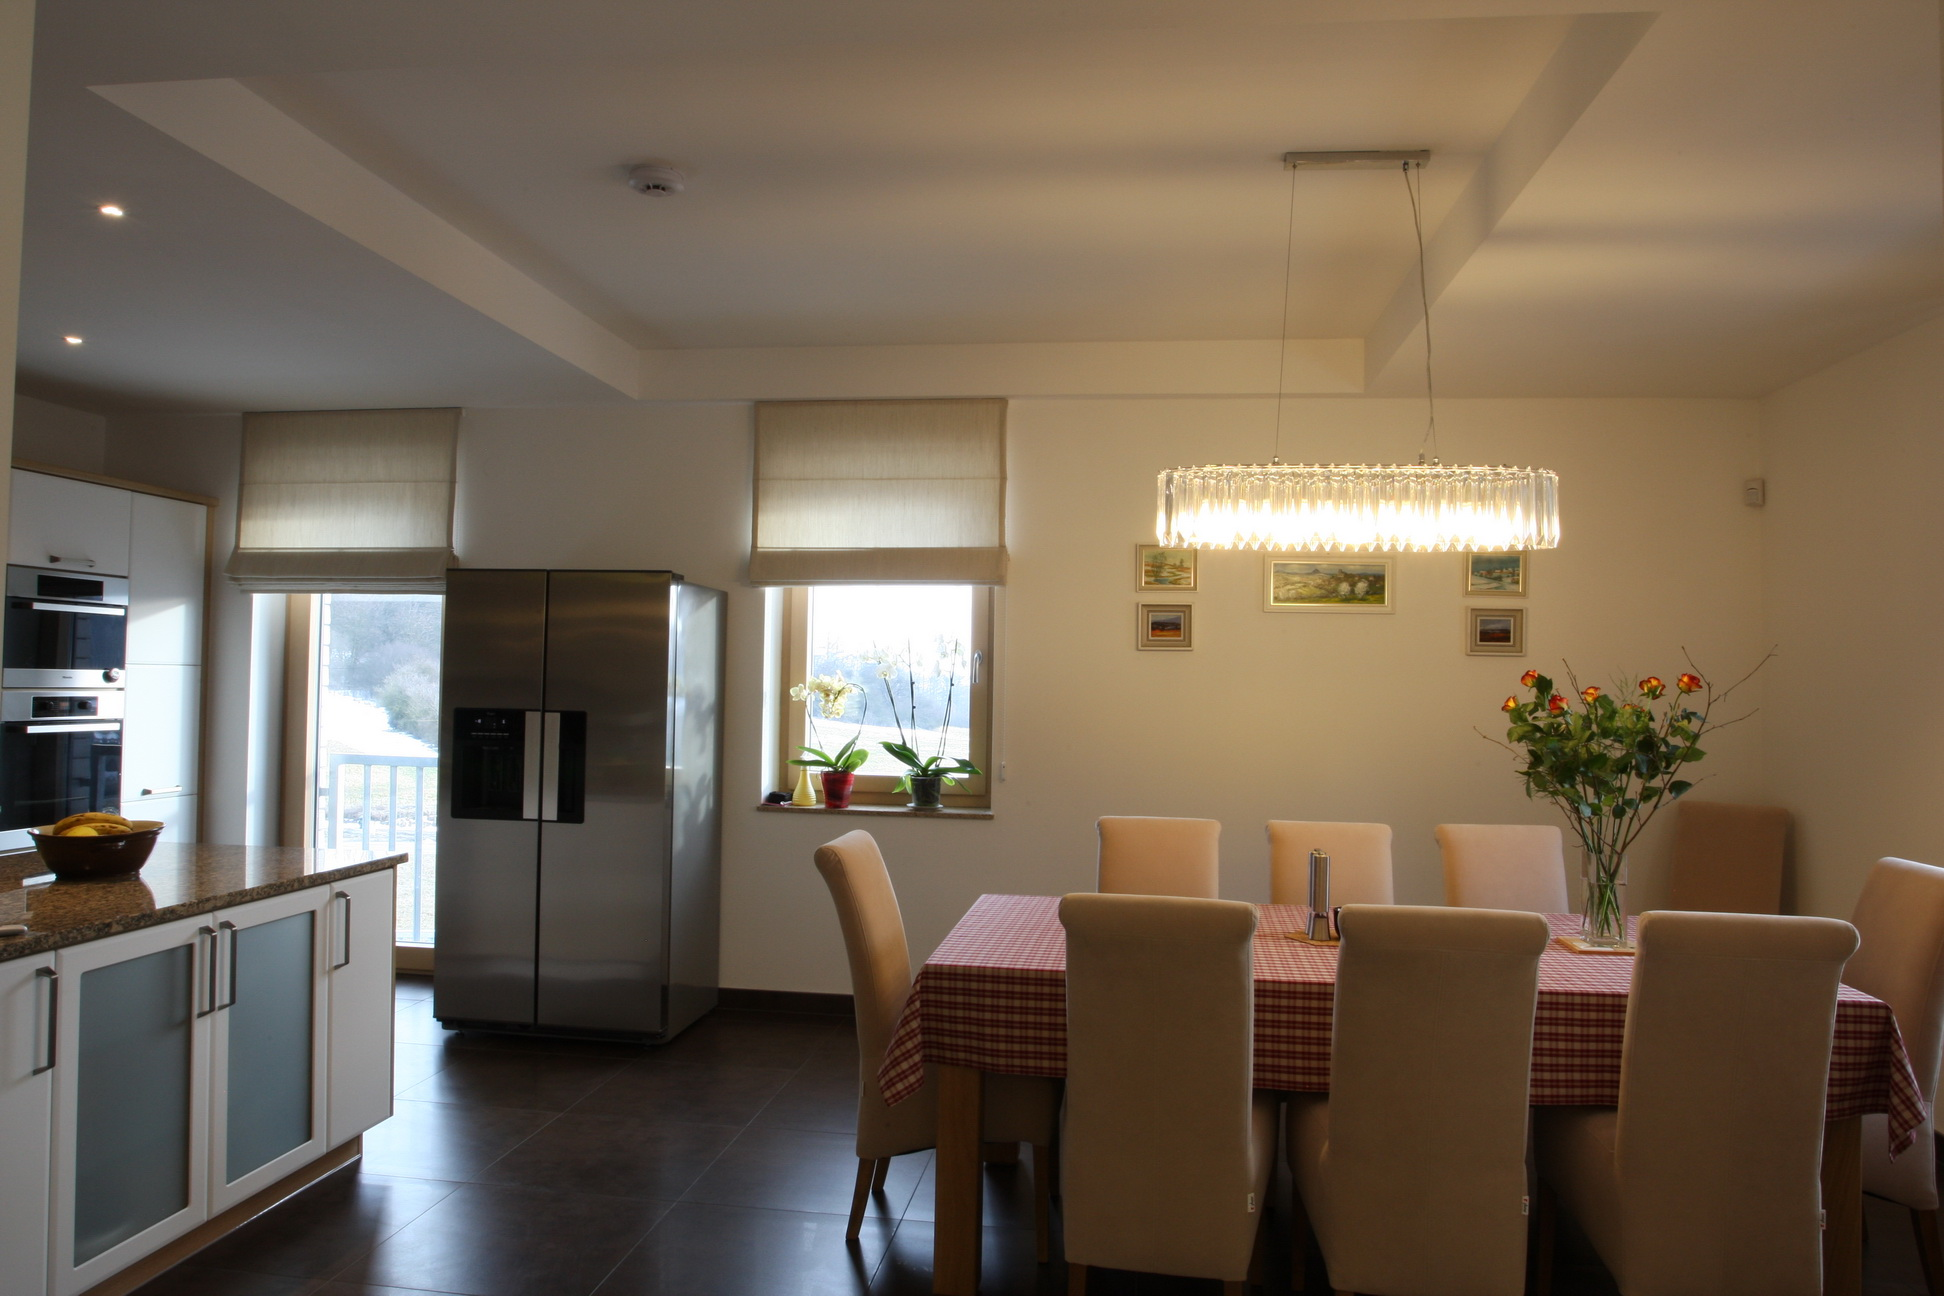 osvětlení-kuchyně2